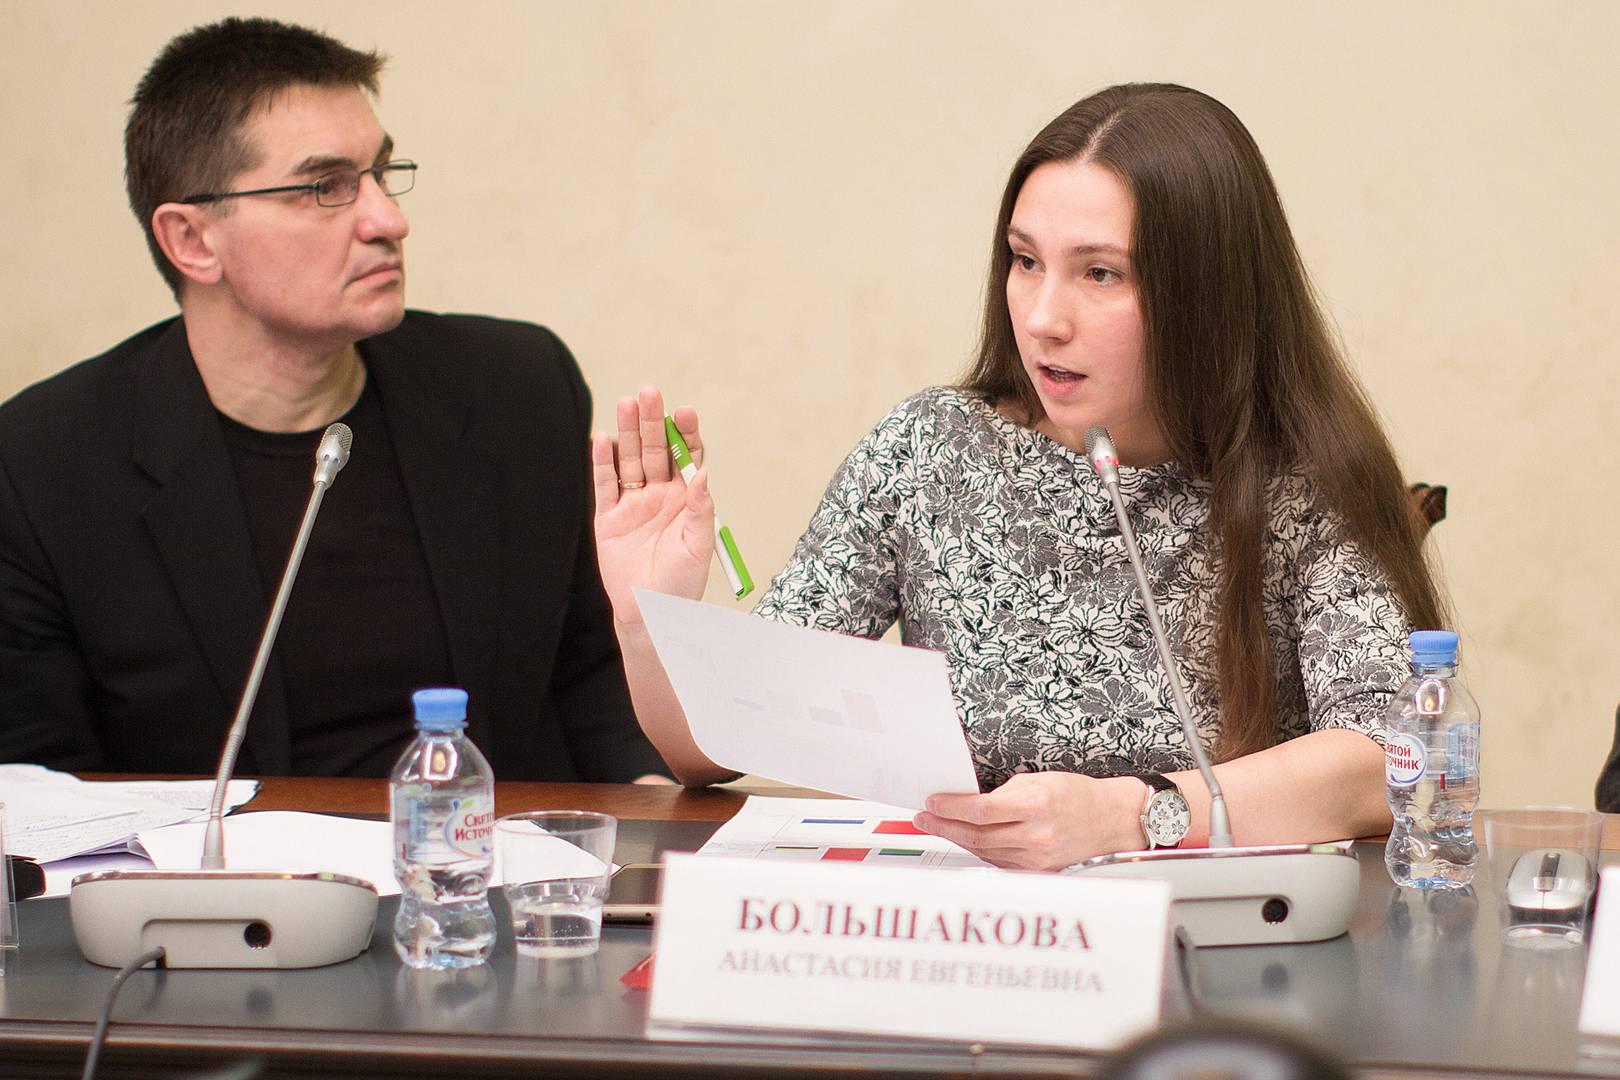 Олег Барсуков и Анастасия Большакова (Круглый стол в ОП РФ)